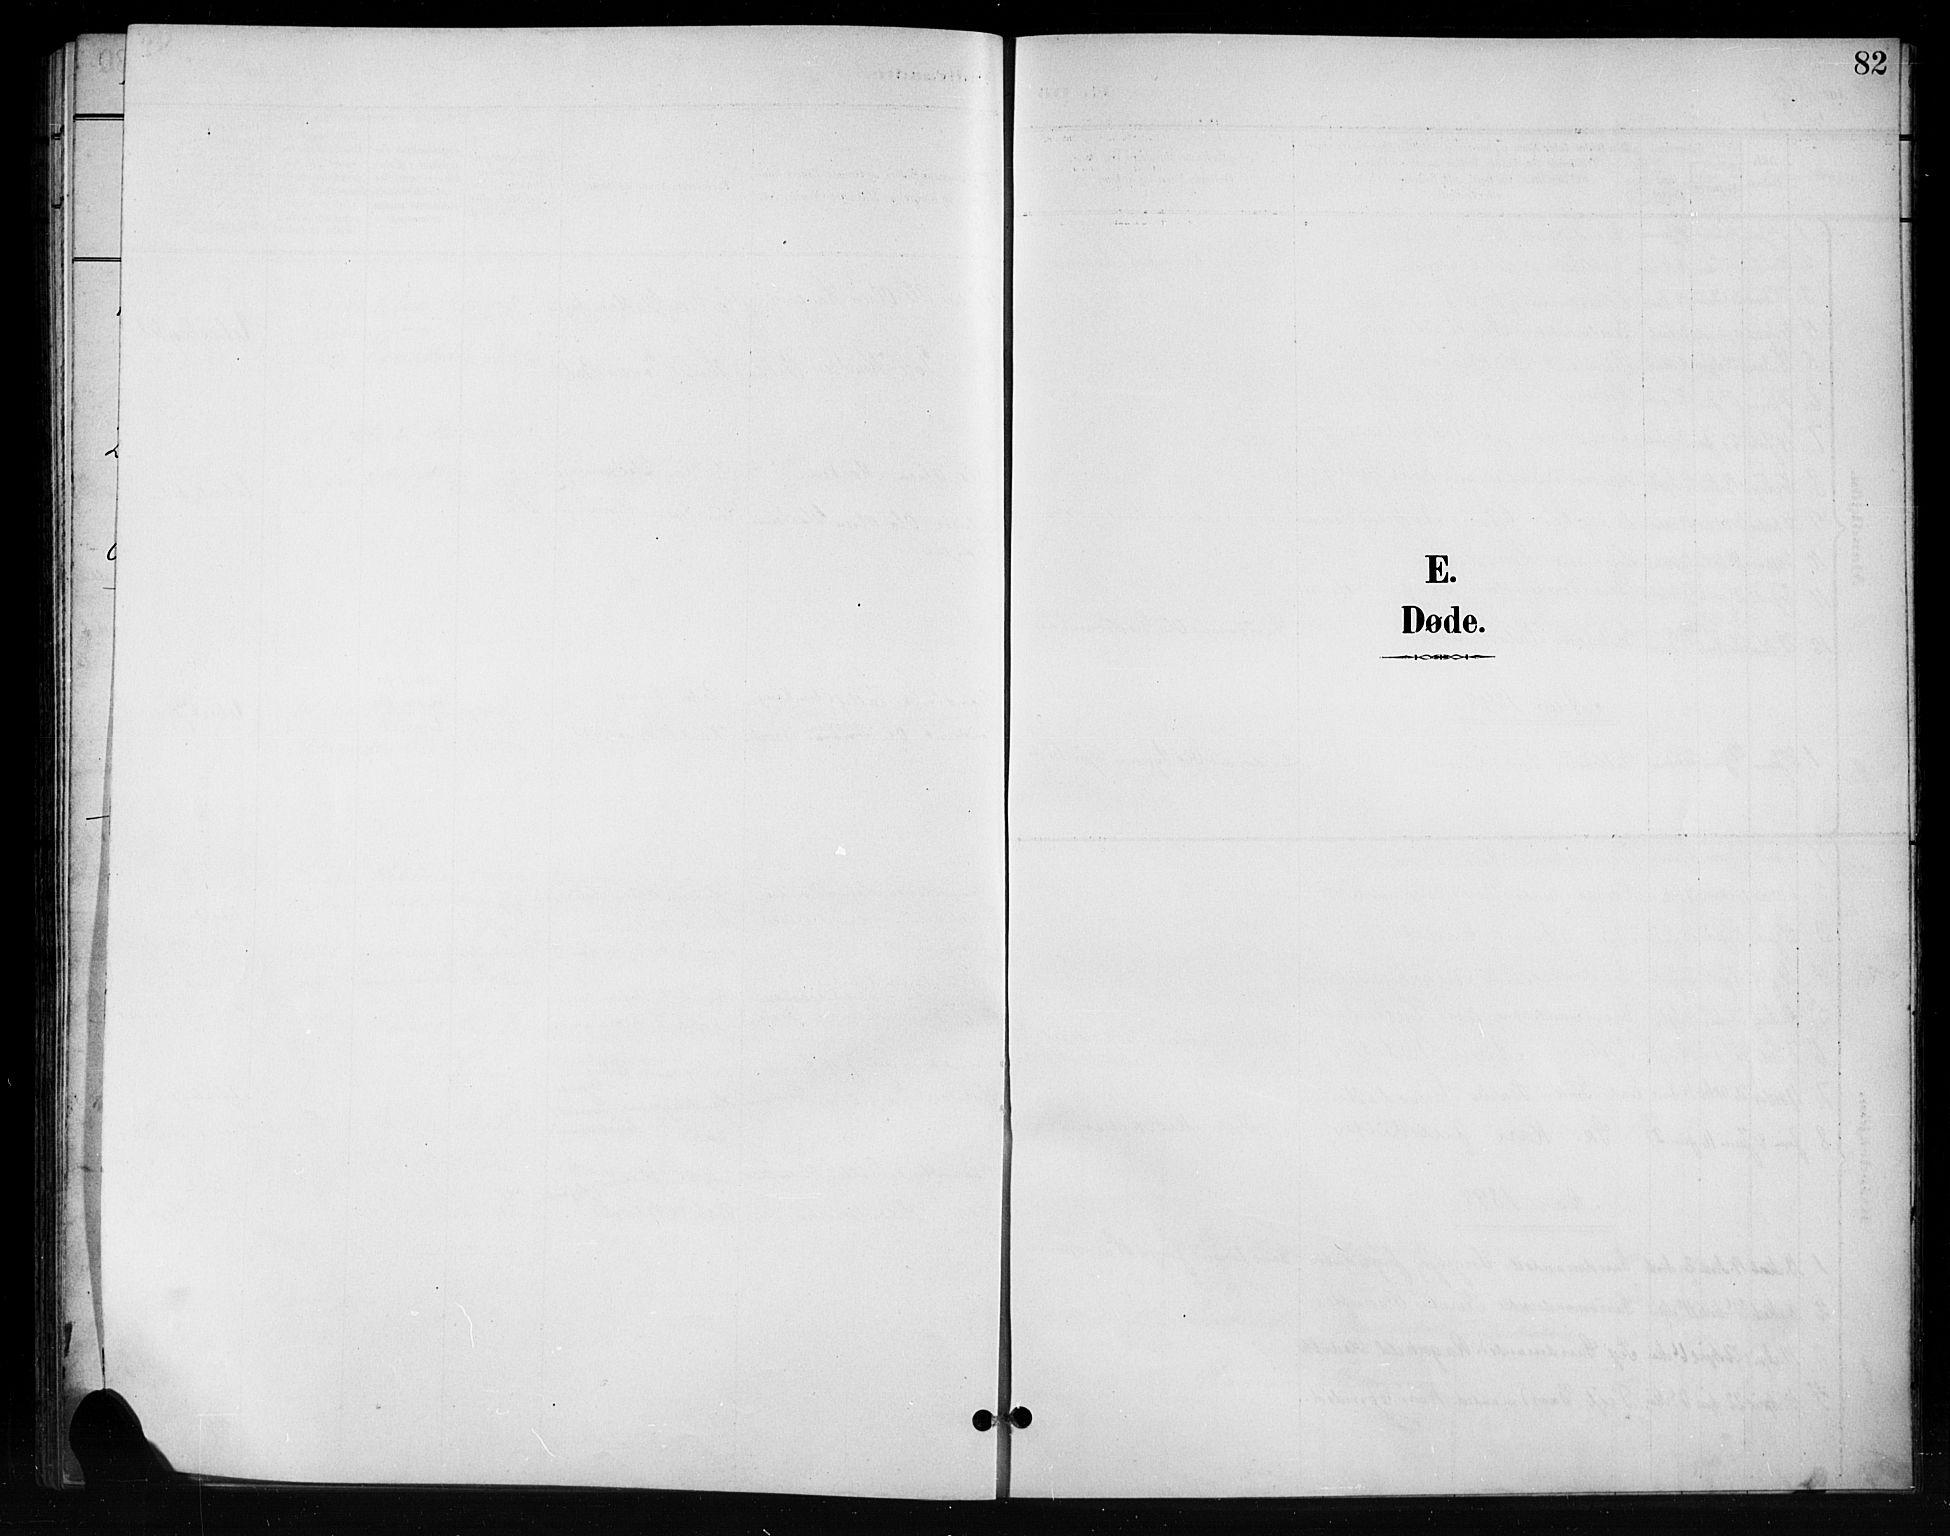 SAH, Nord-Aurdal prestekontor, Klokkerbok nr. 11, 1897-1918, s. 82